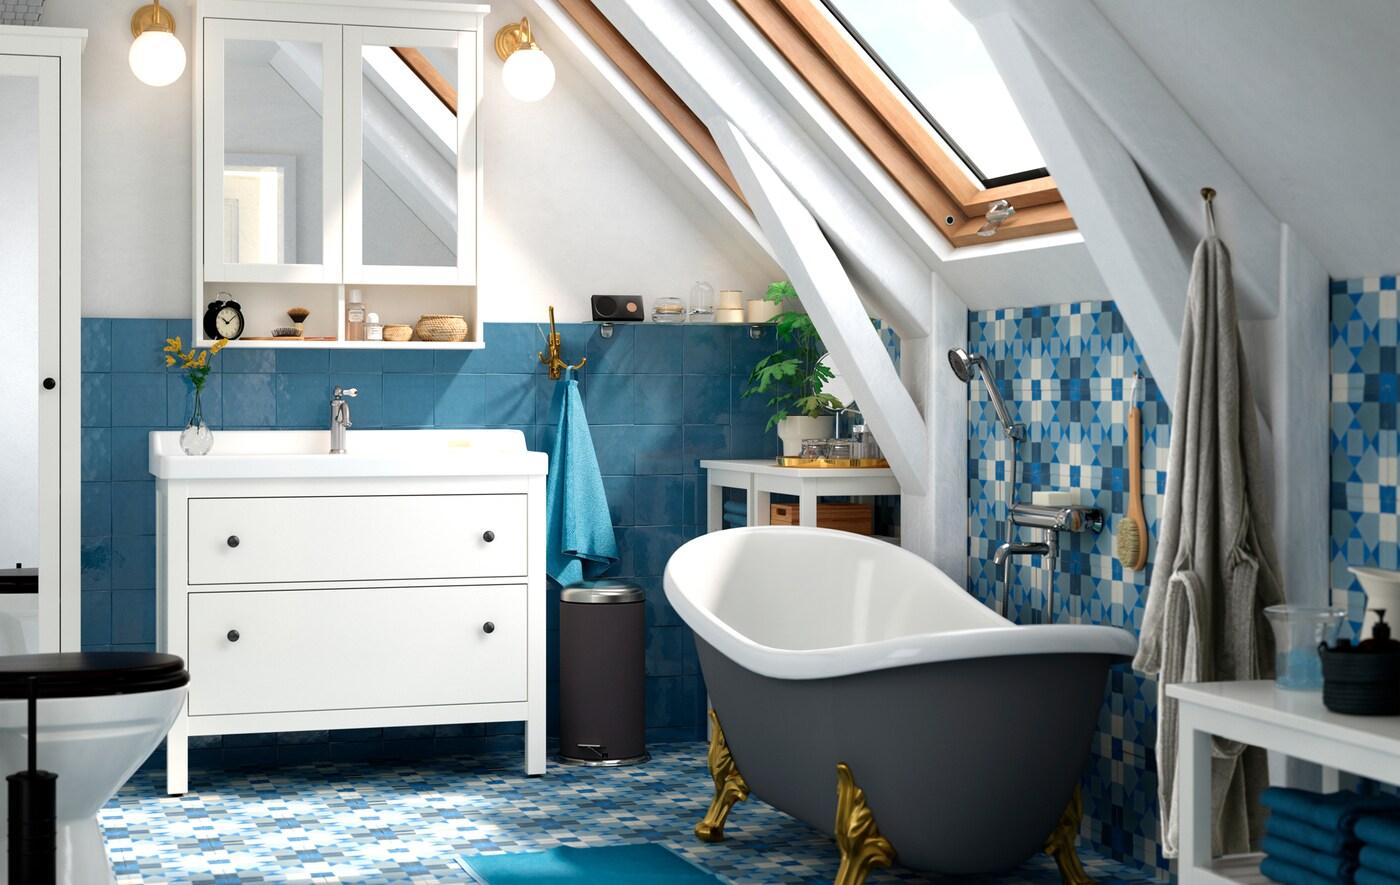 Ванная с синей плиткой на полу и стенах; отдельно стоящая ванная и белый умывальник, над которым висят зеркальные шкафы.